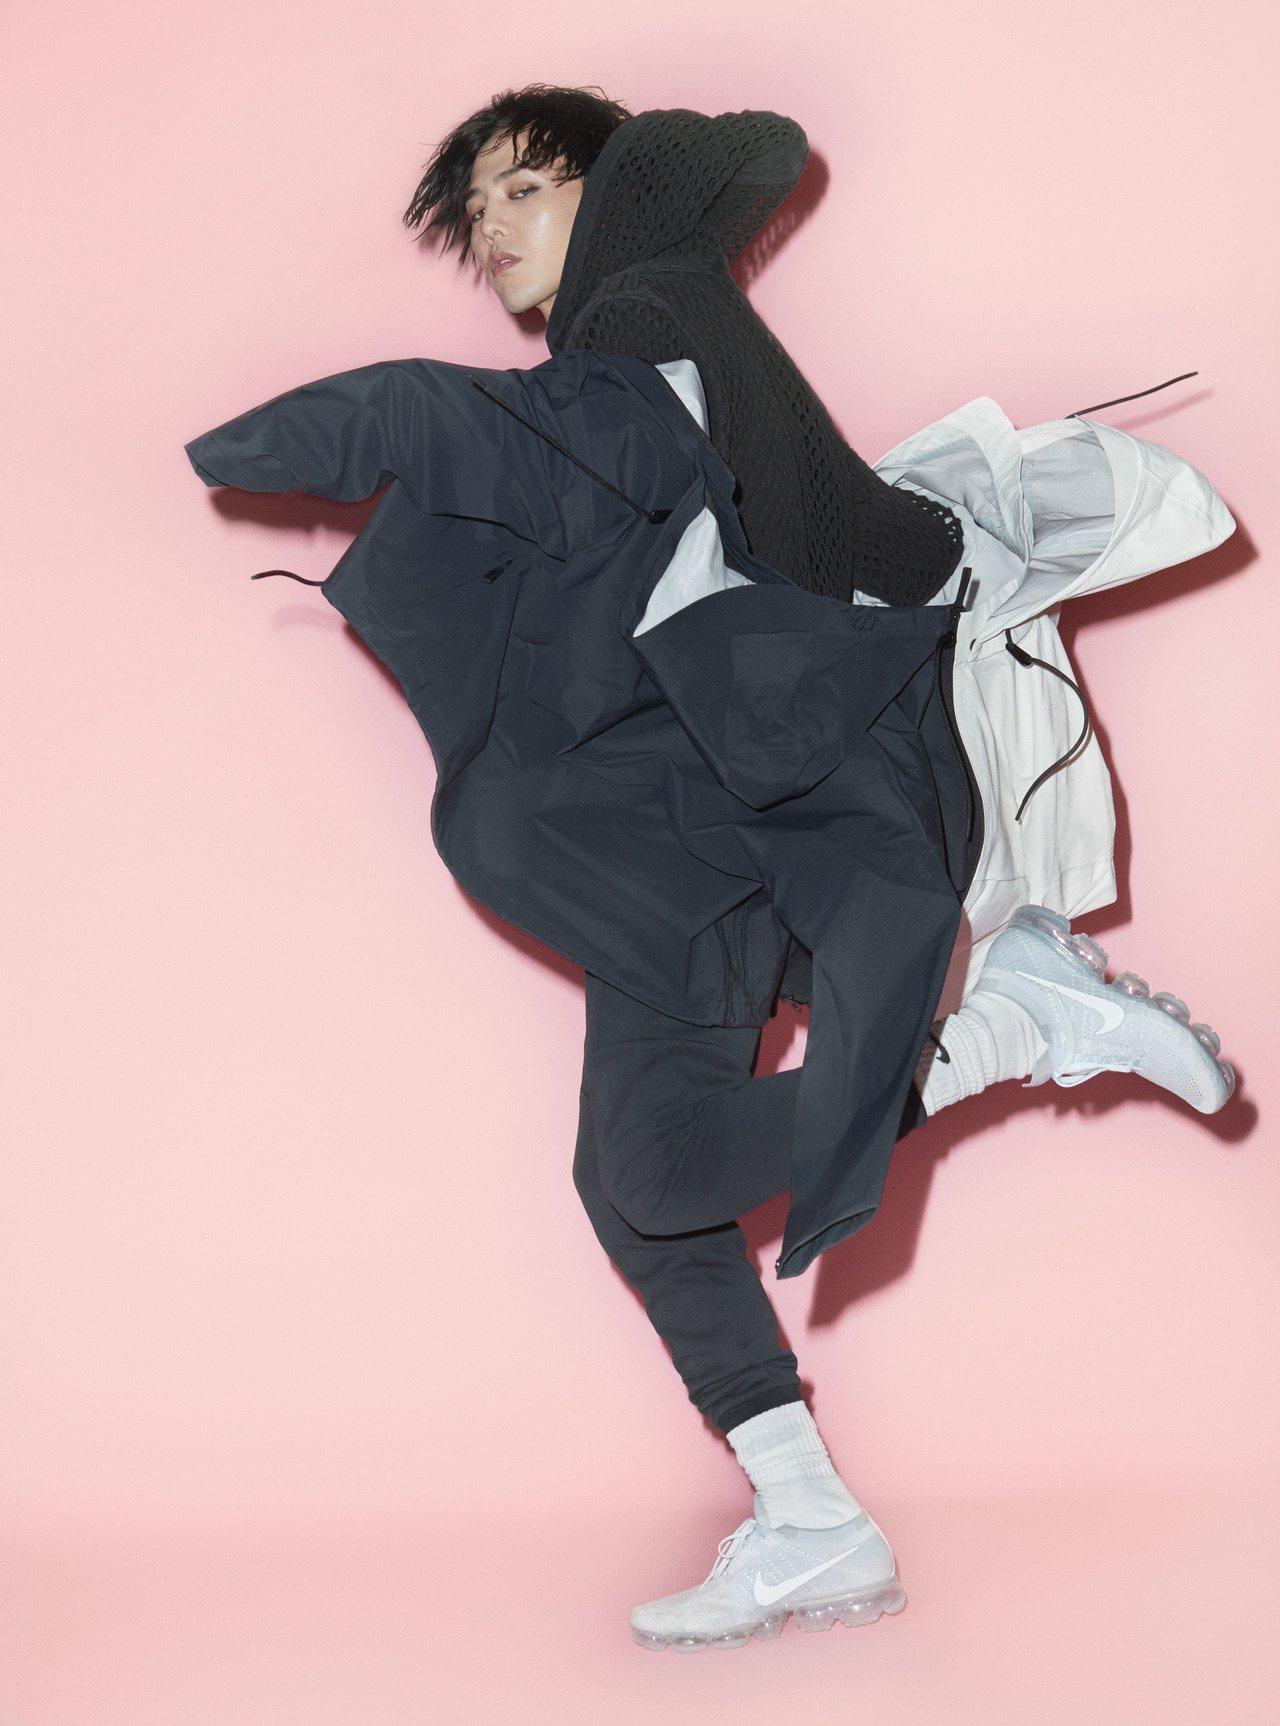 韓國天團BIGBANG的隊長G-Dragon